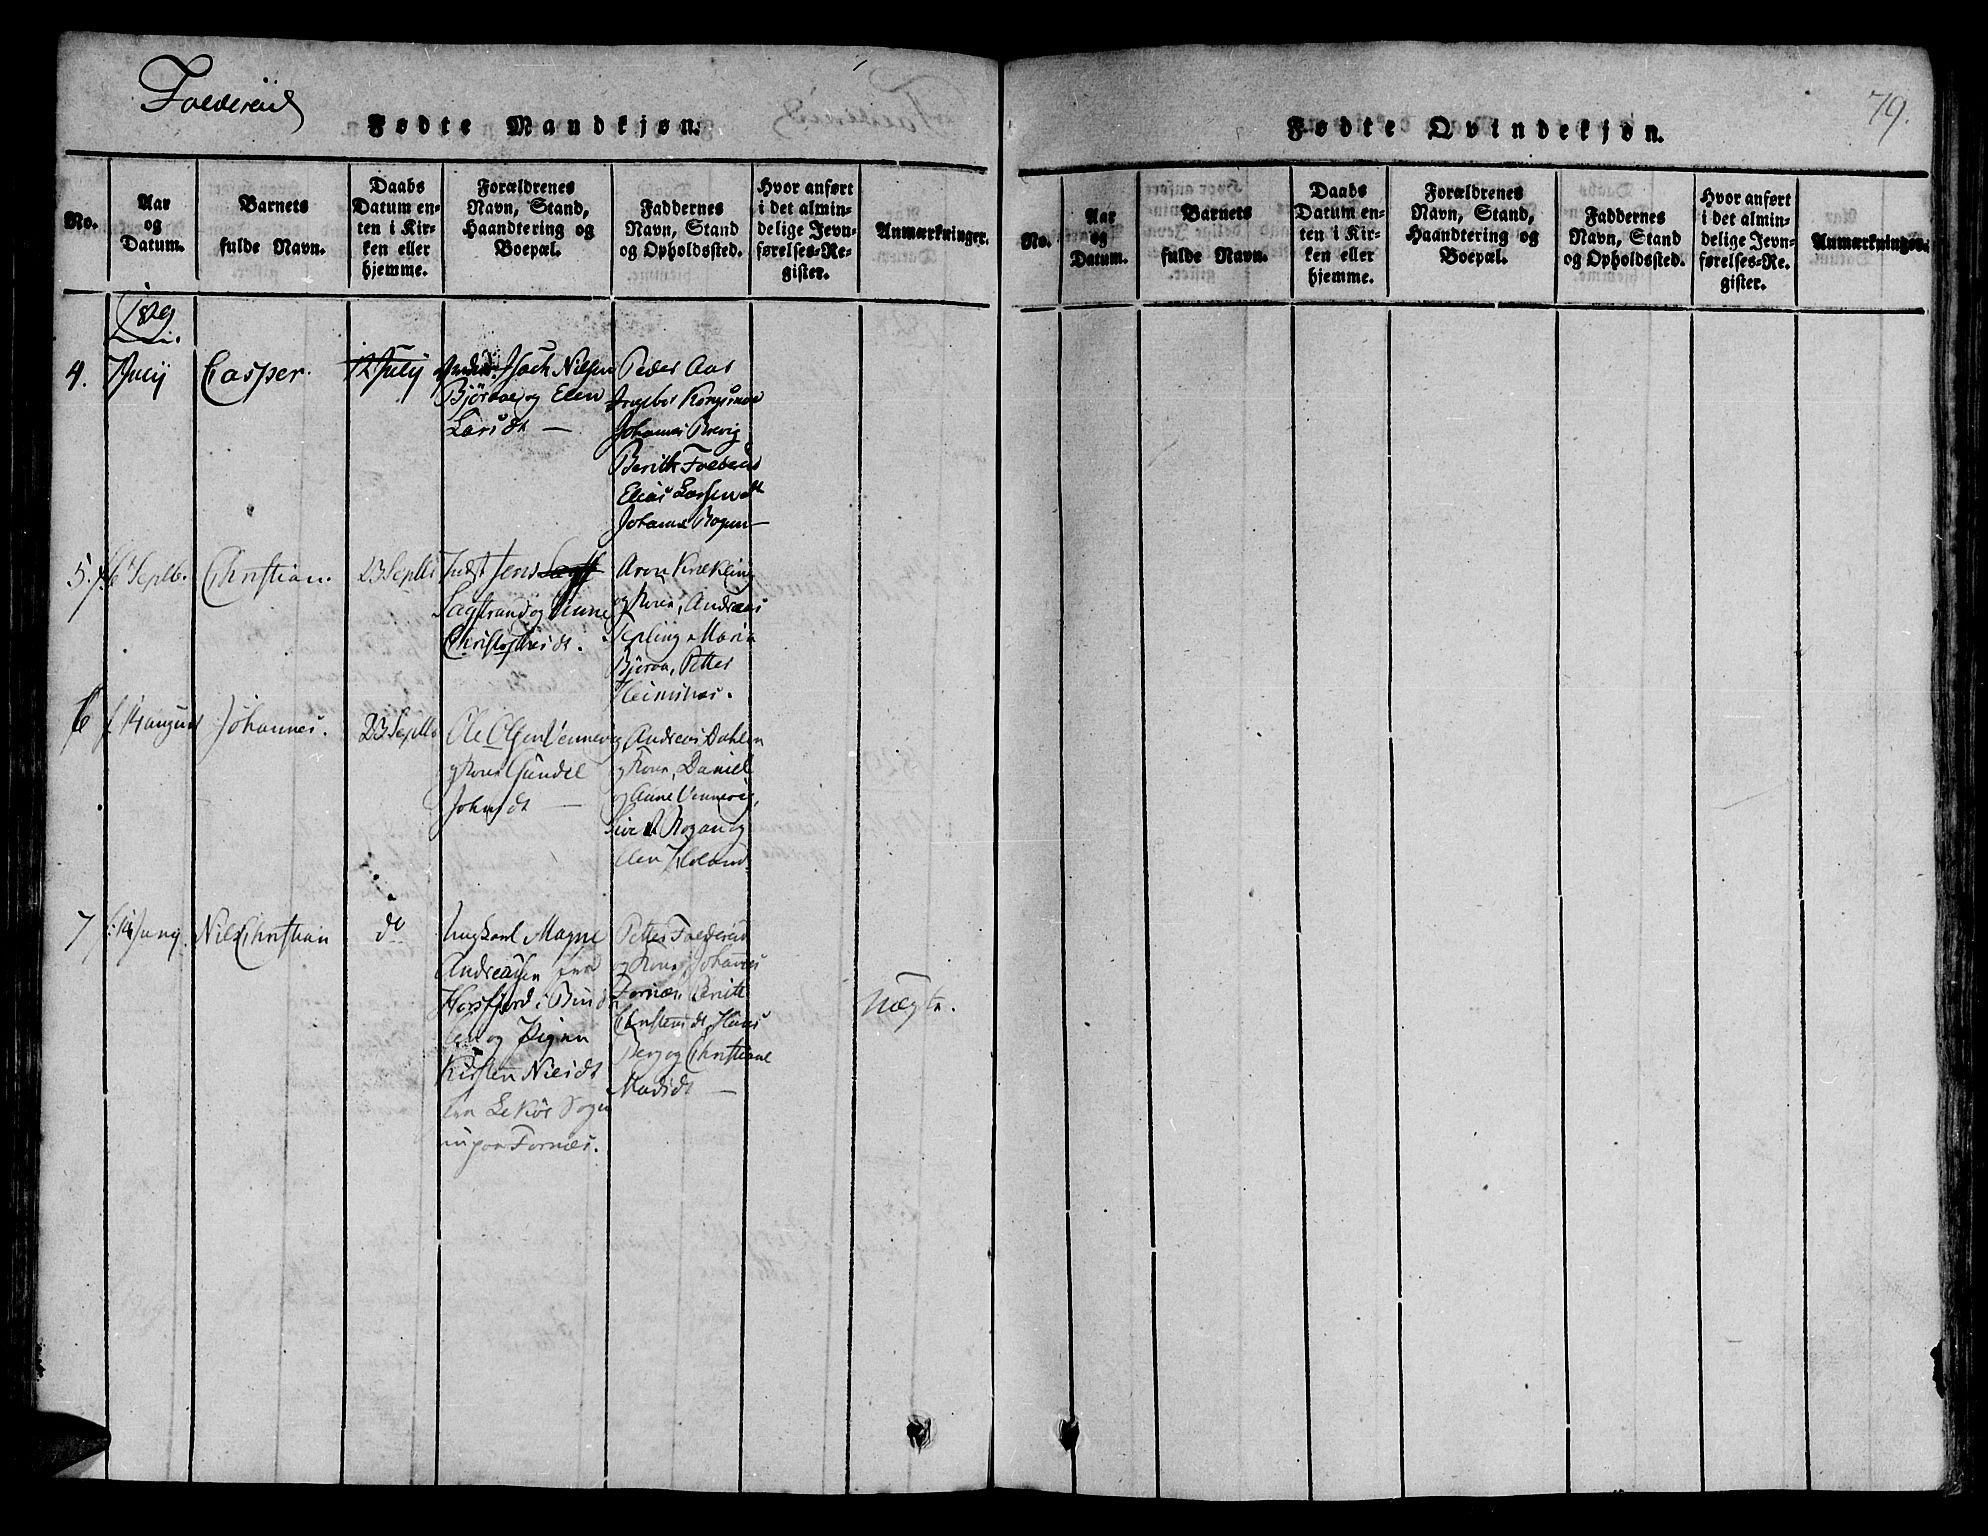 SAT, Ministerialprotokoller, klokkerbøker og fødselsregistre - Nord-Trøndelag, 780/L0636: Ministerialbok nr. 780A03 /3, 1815-1829, s. 79